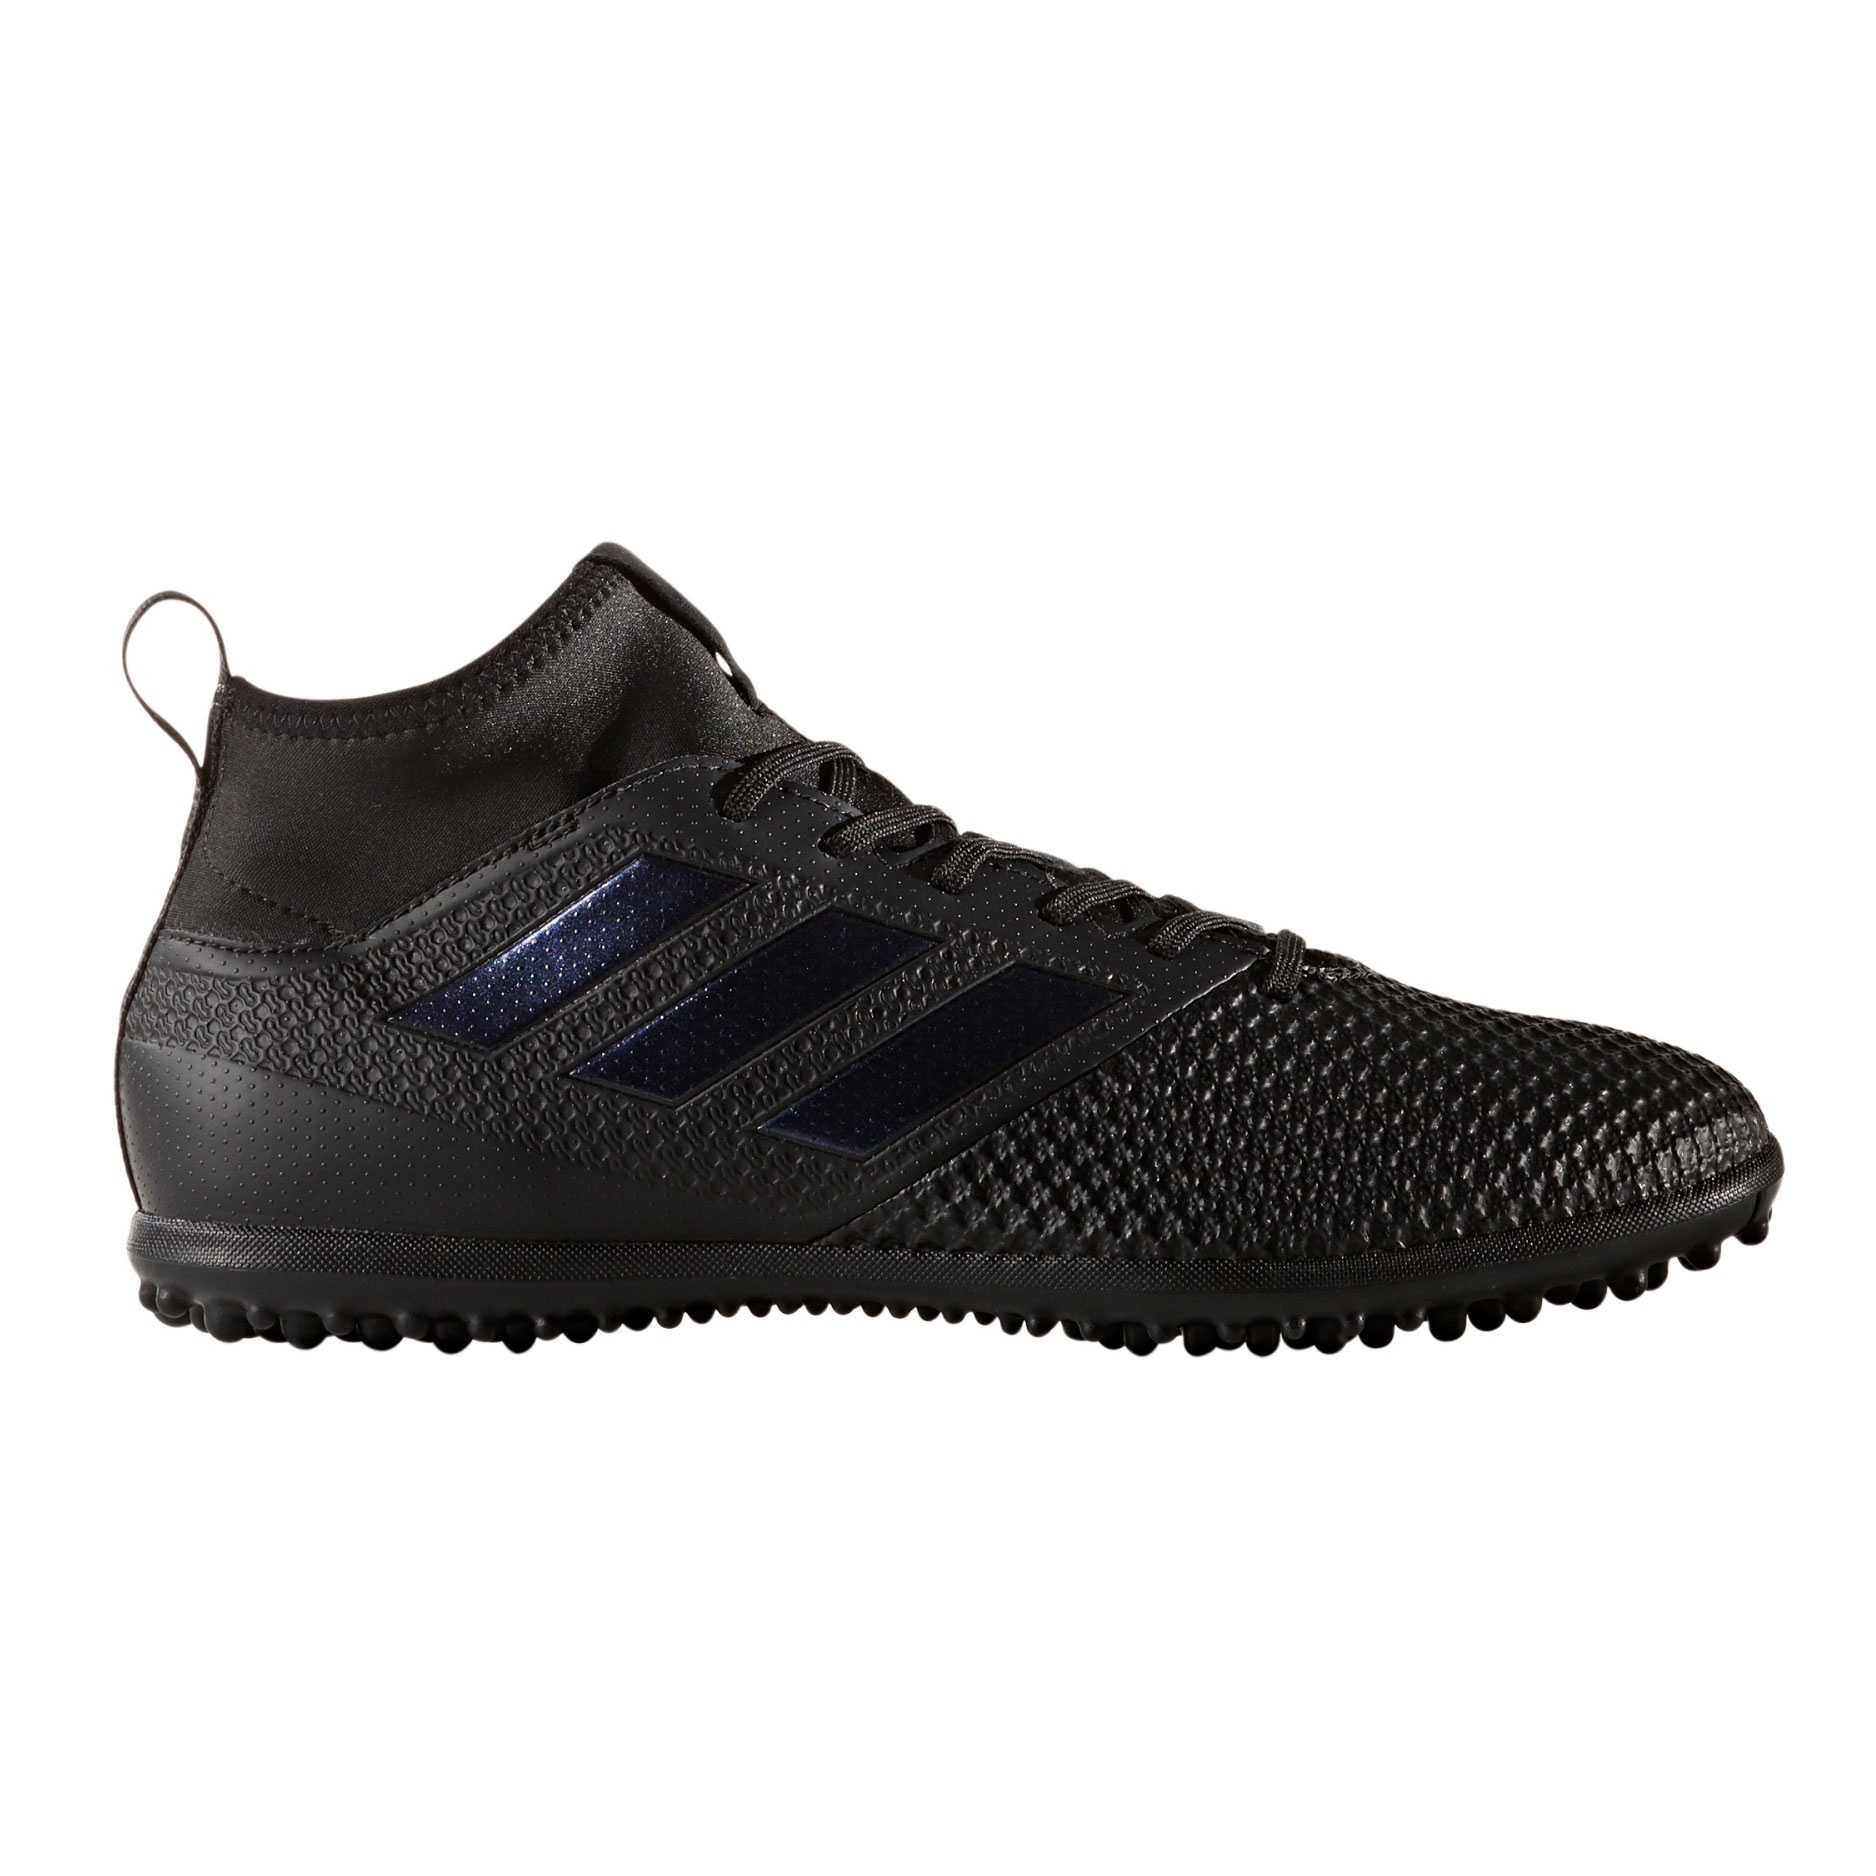 Afbeelding van Adidas Ace Tango 17.3 TF S77084 Voetbalschoenen Core Black